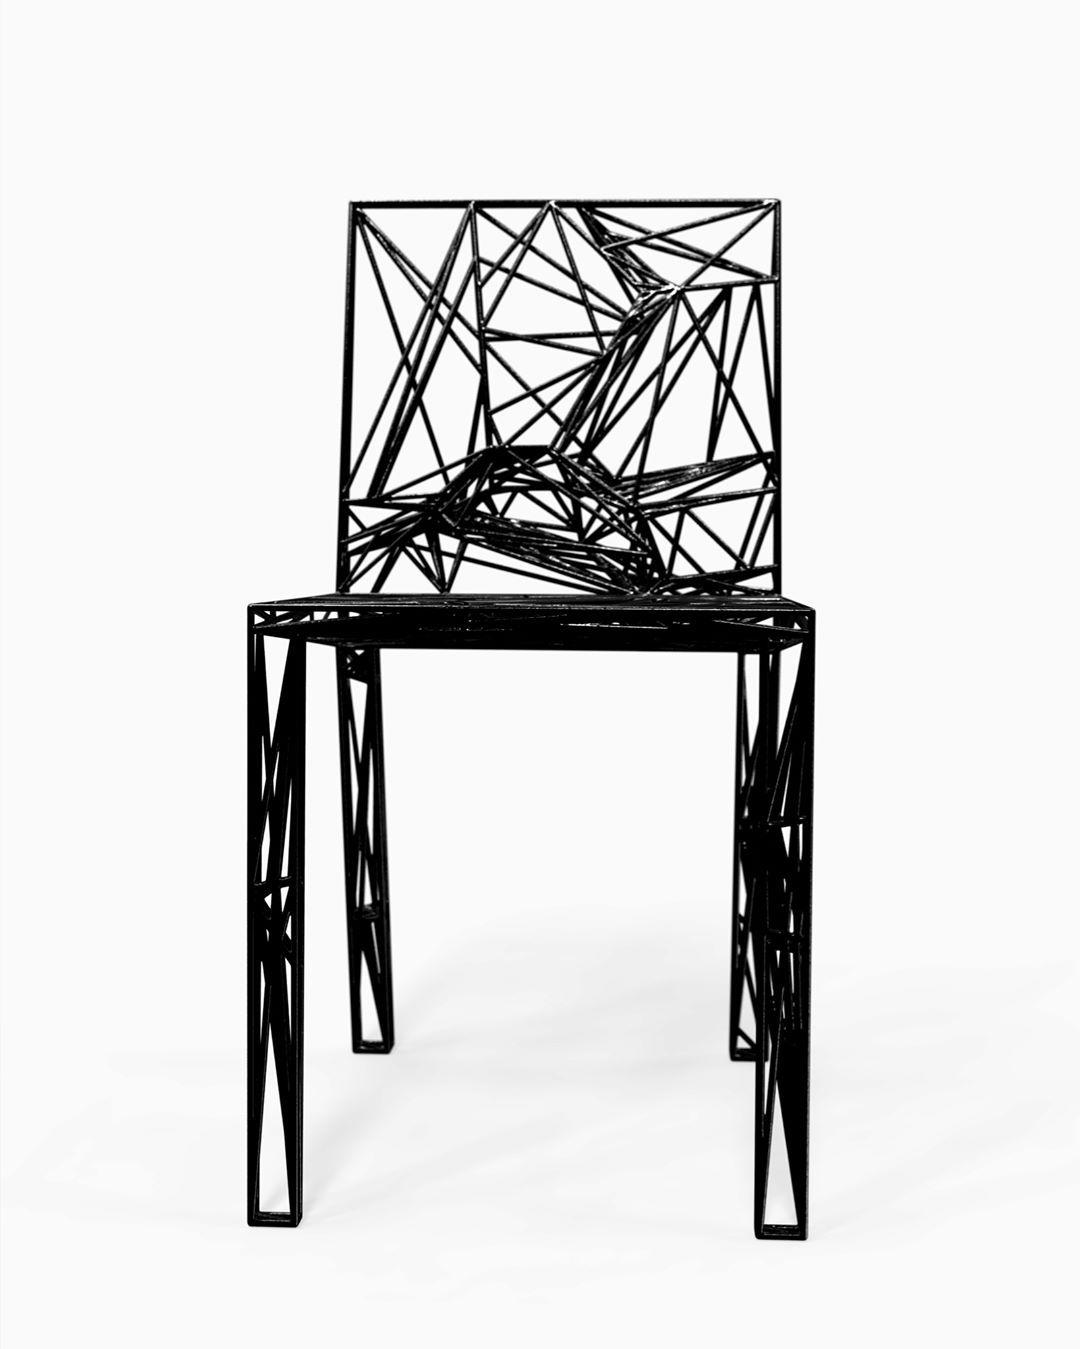 Ventury Emmanuel Touraine's Design+Art Series 2016